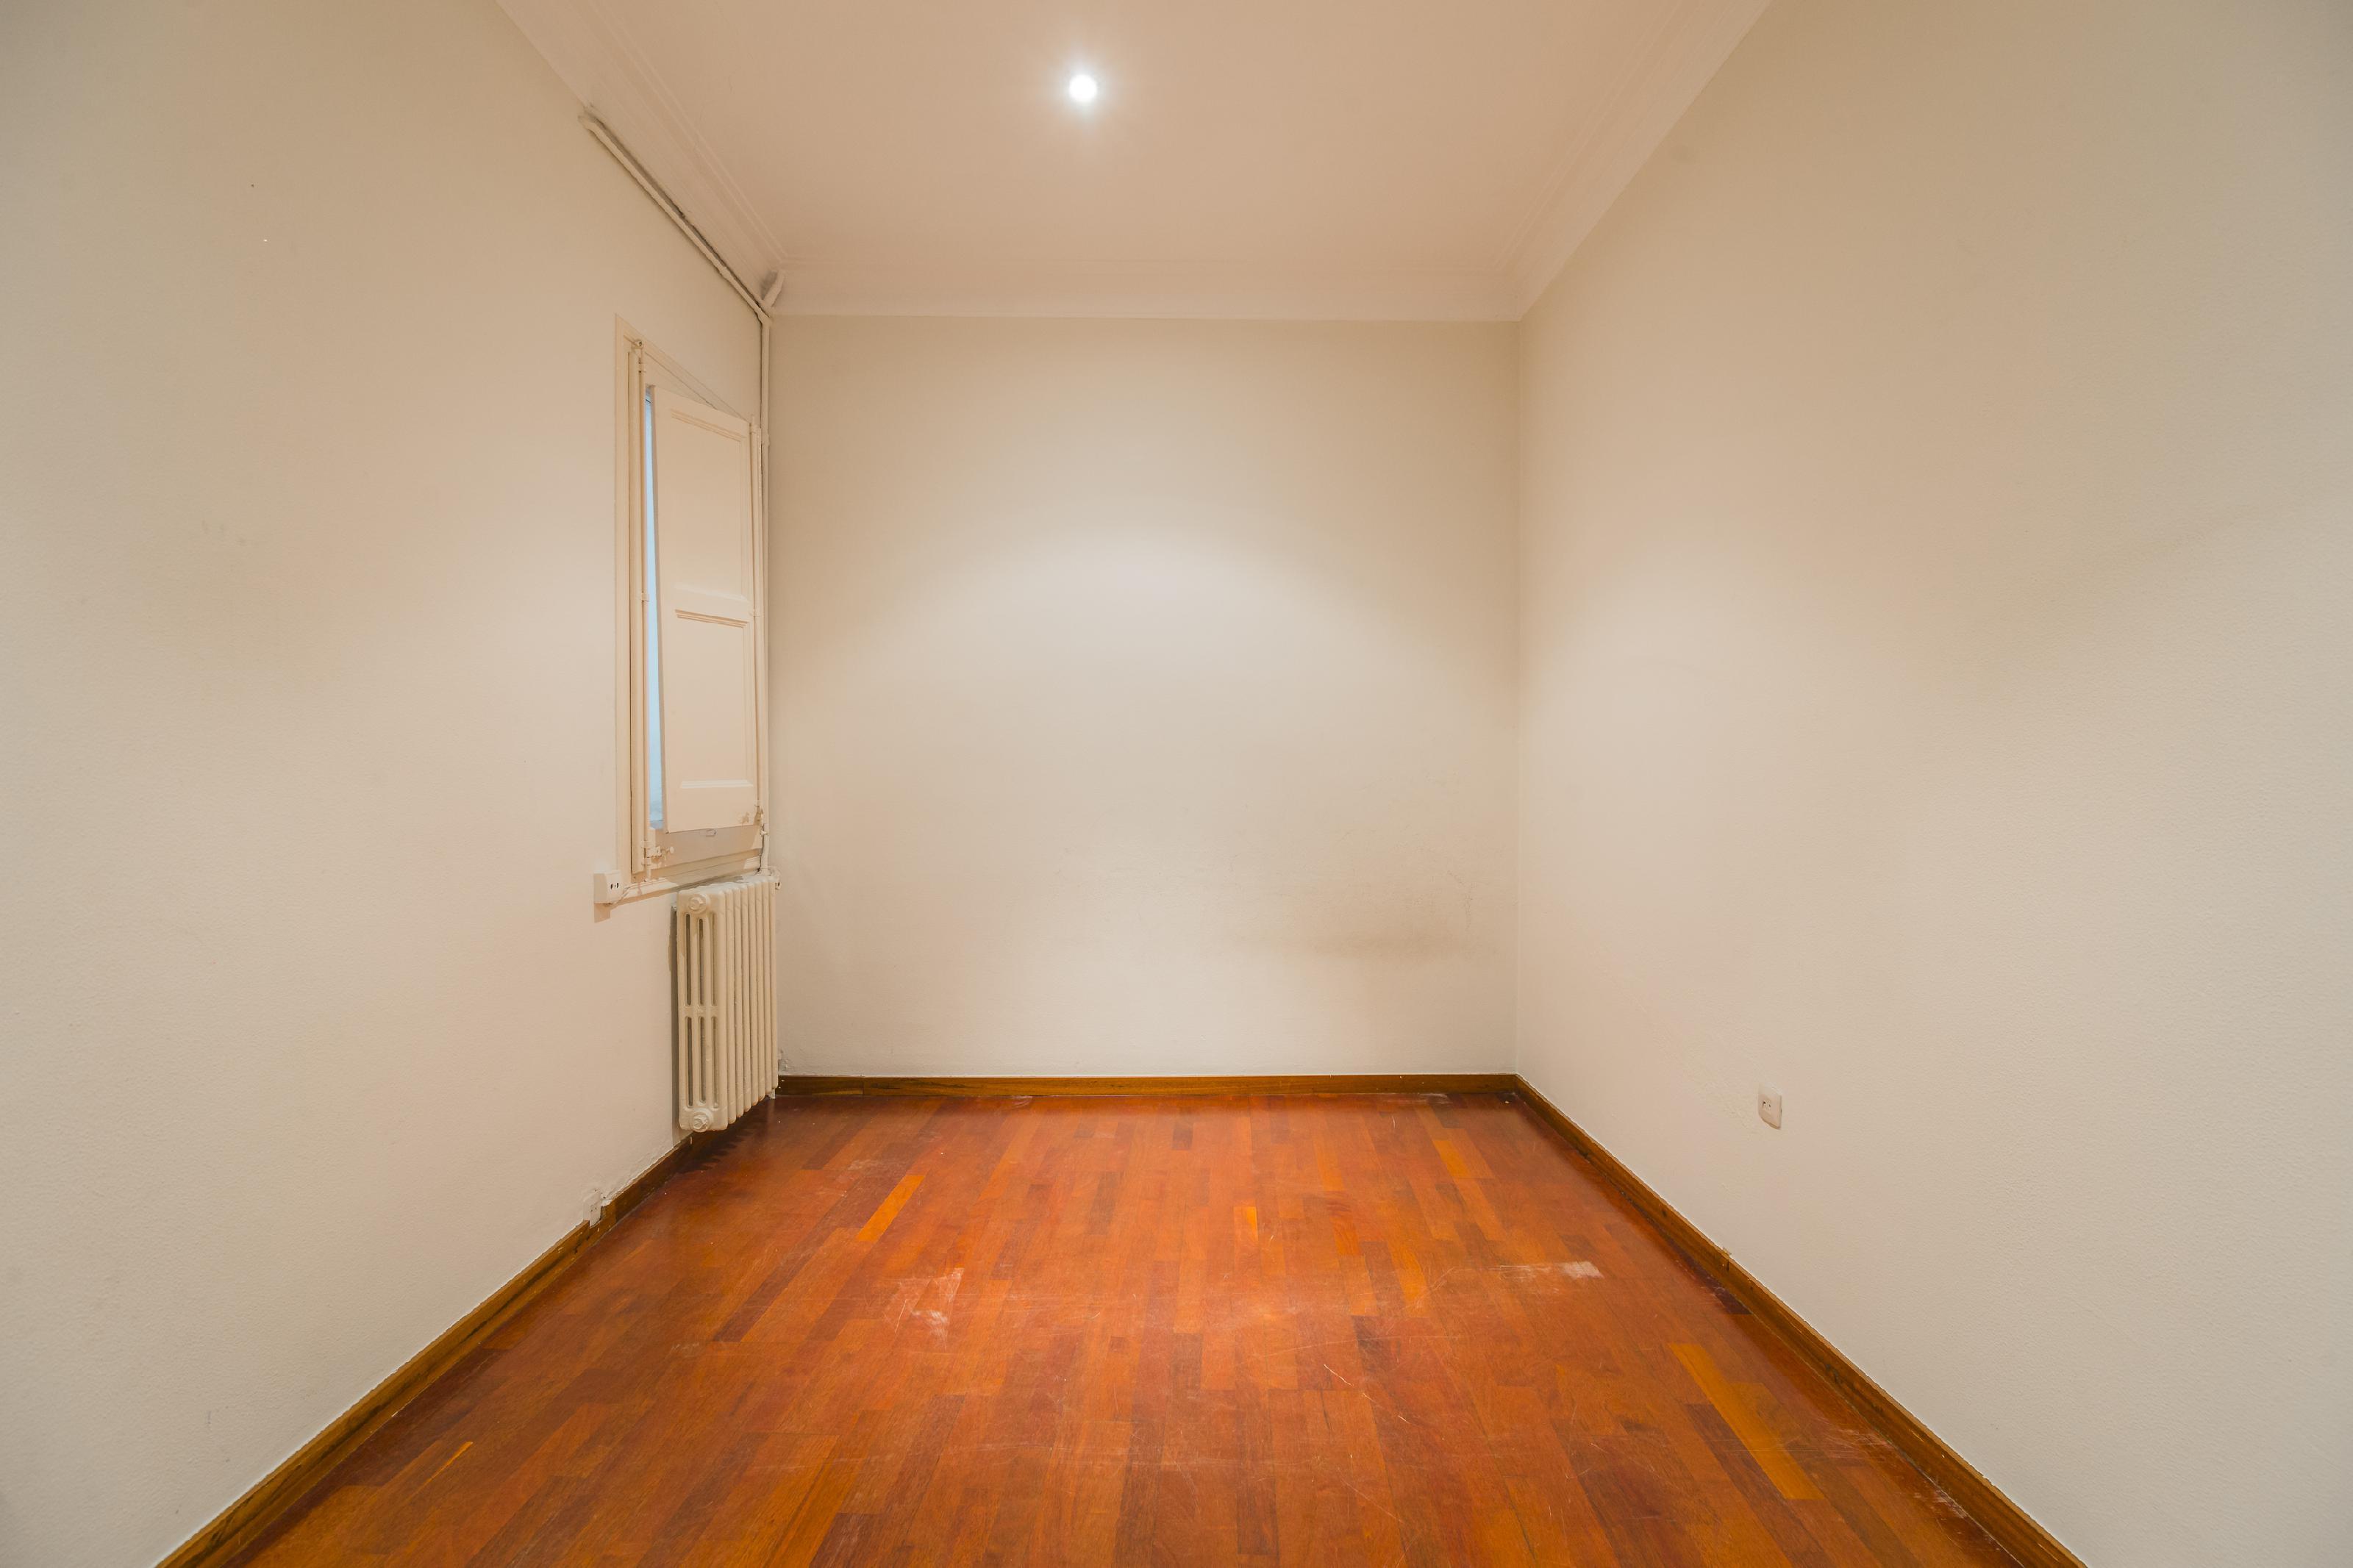 246347 Flat for sale in Sarrià-Sant Gervasi, St. Gervasi-Bonanova 21